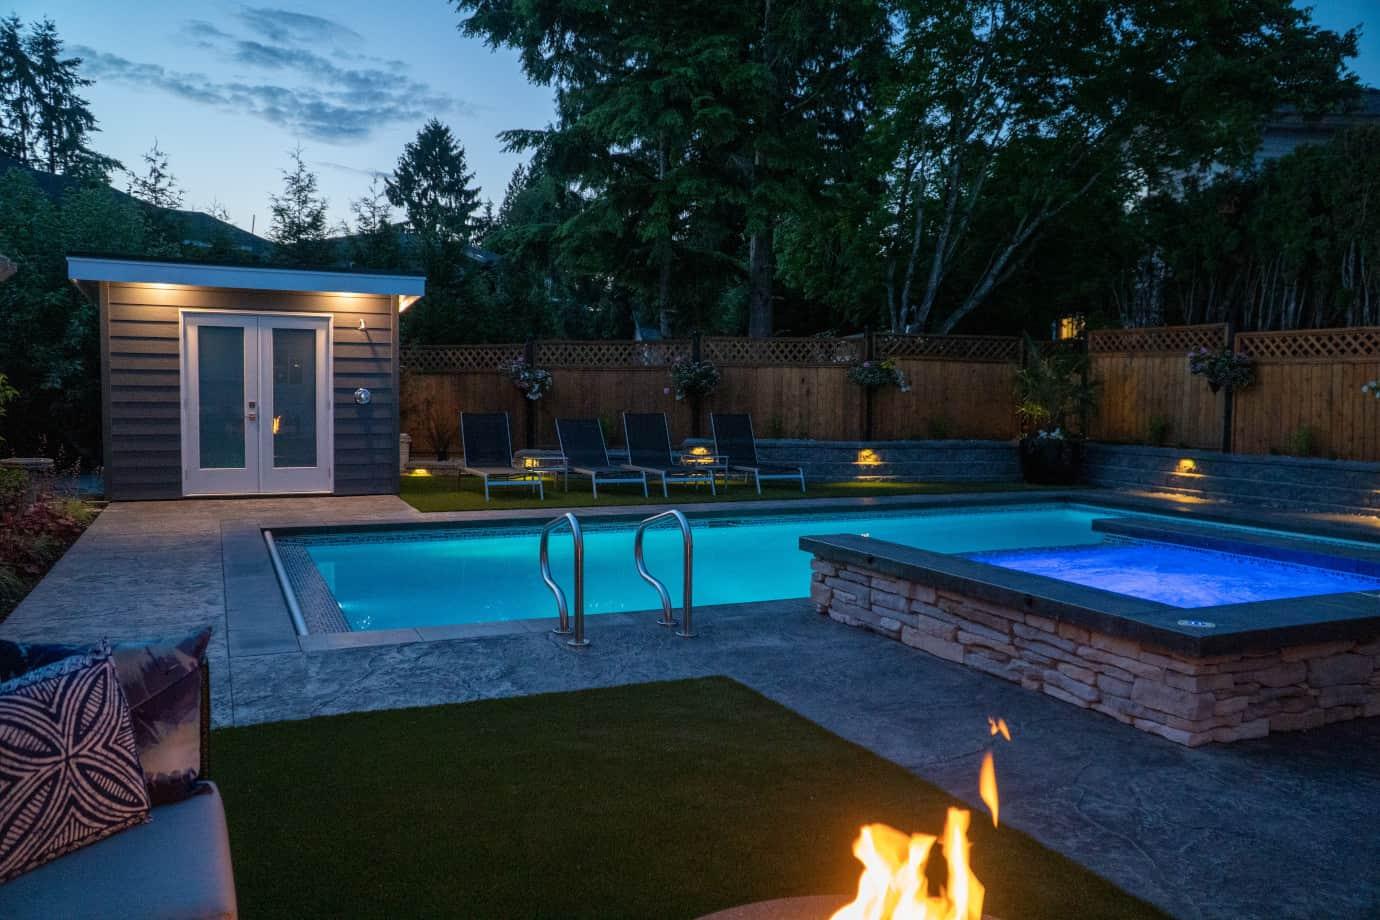 azuro-backyard-design-Hor31